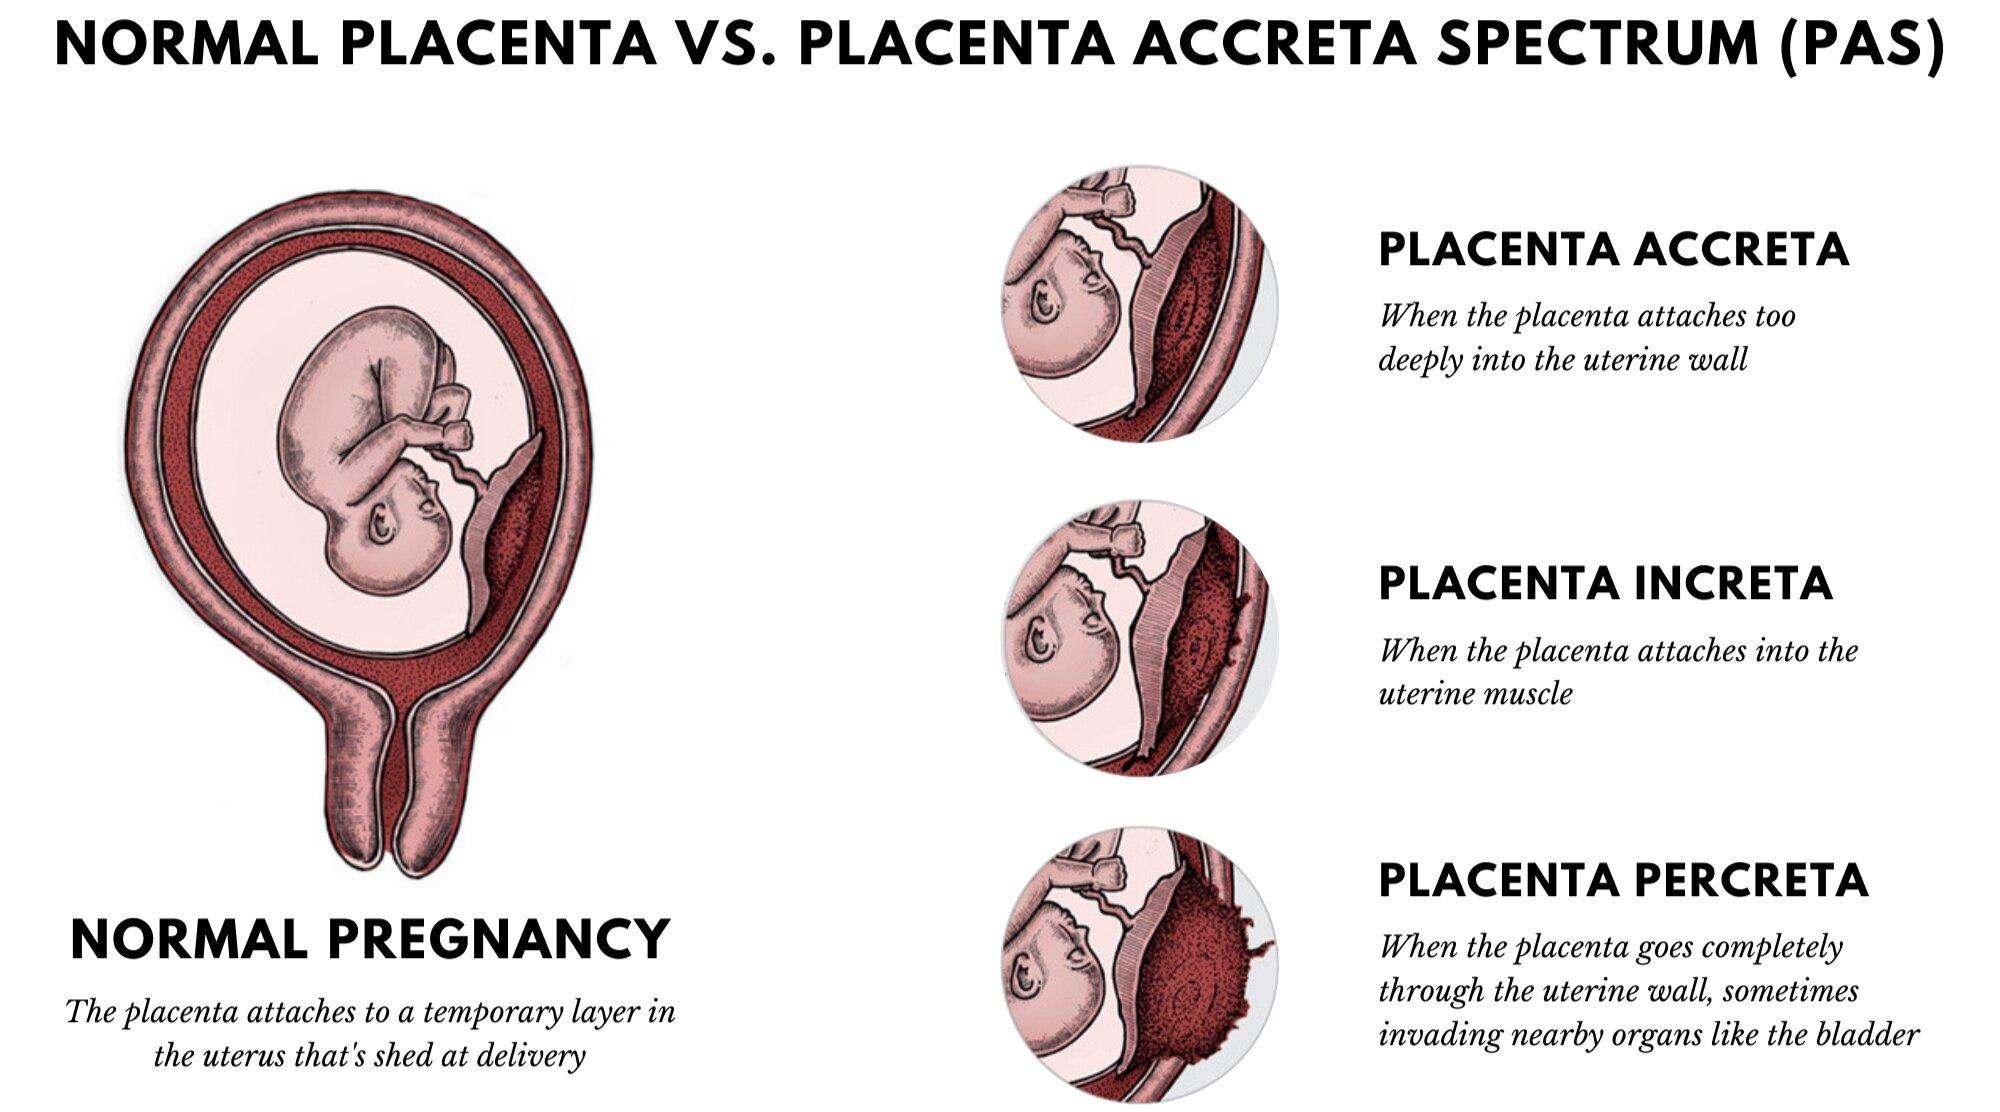 Placenta Accreta Spectrum   Placenta Increta   Placenta Percreta.png